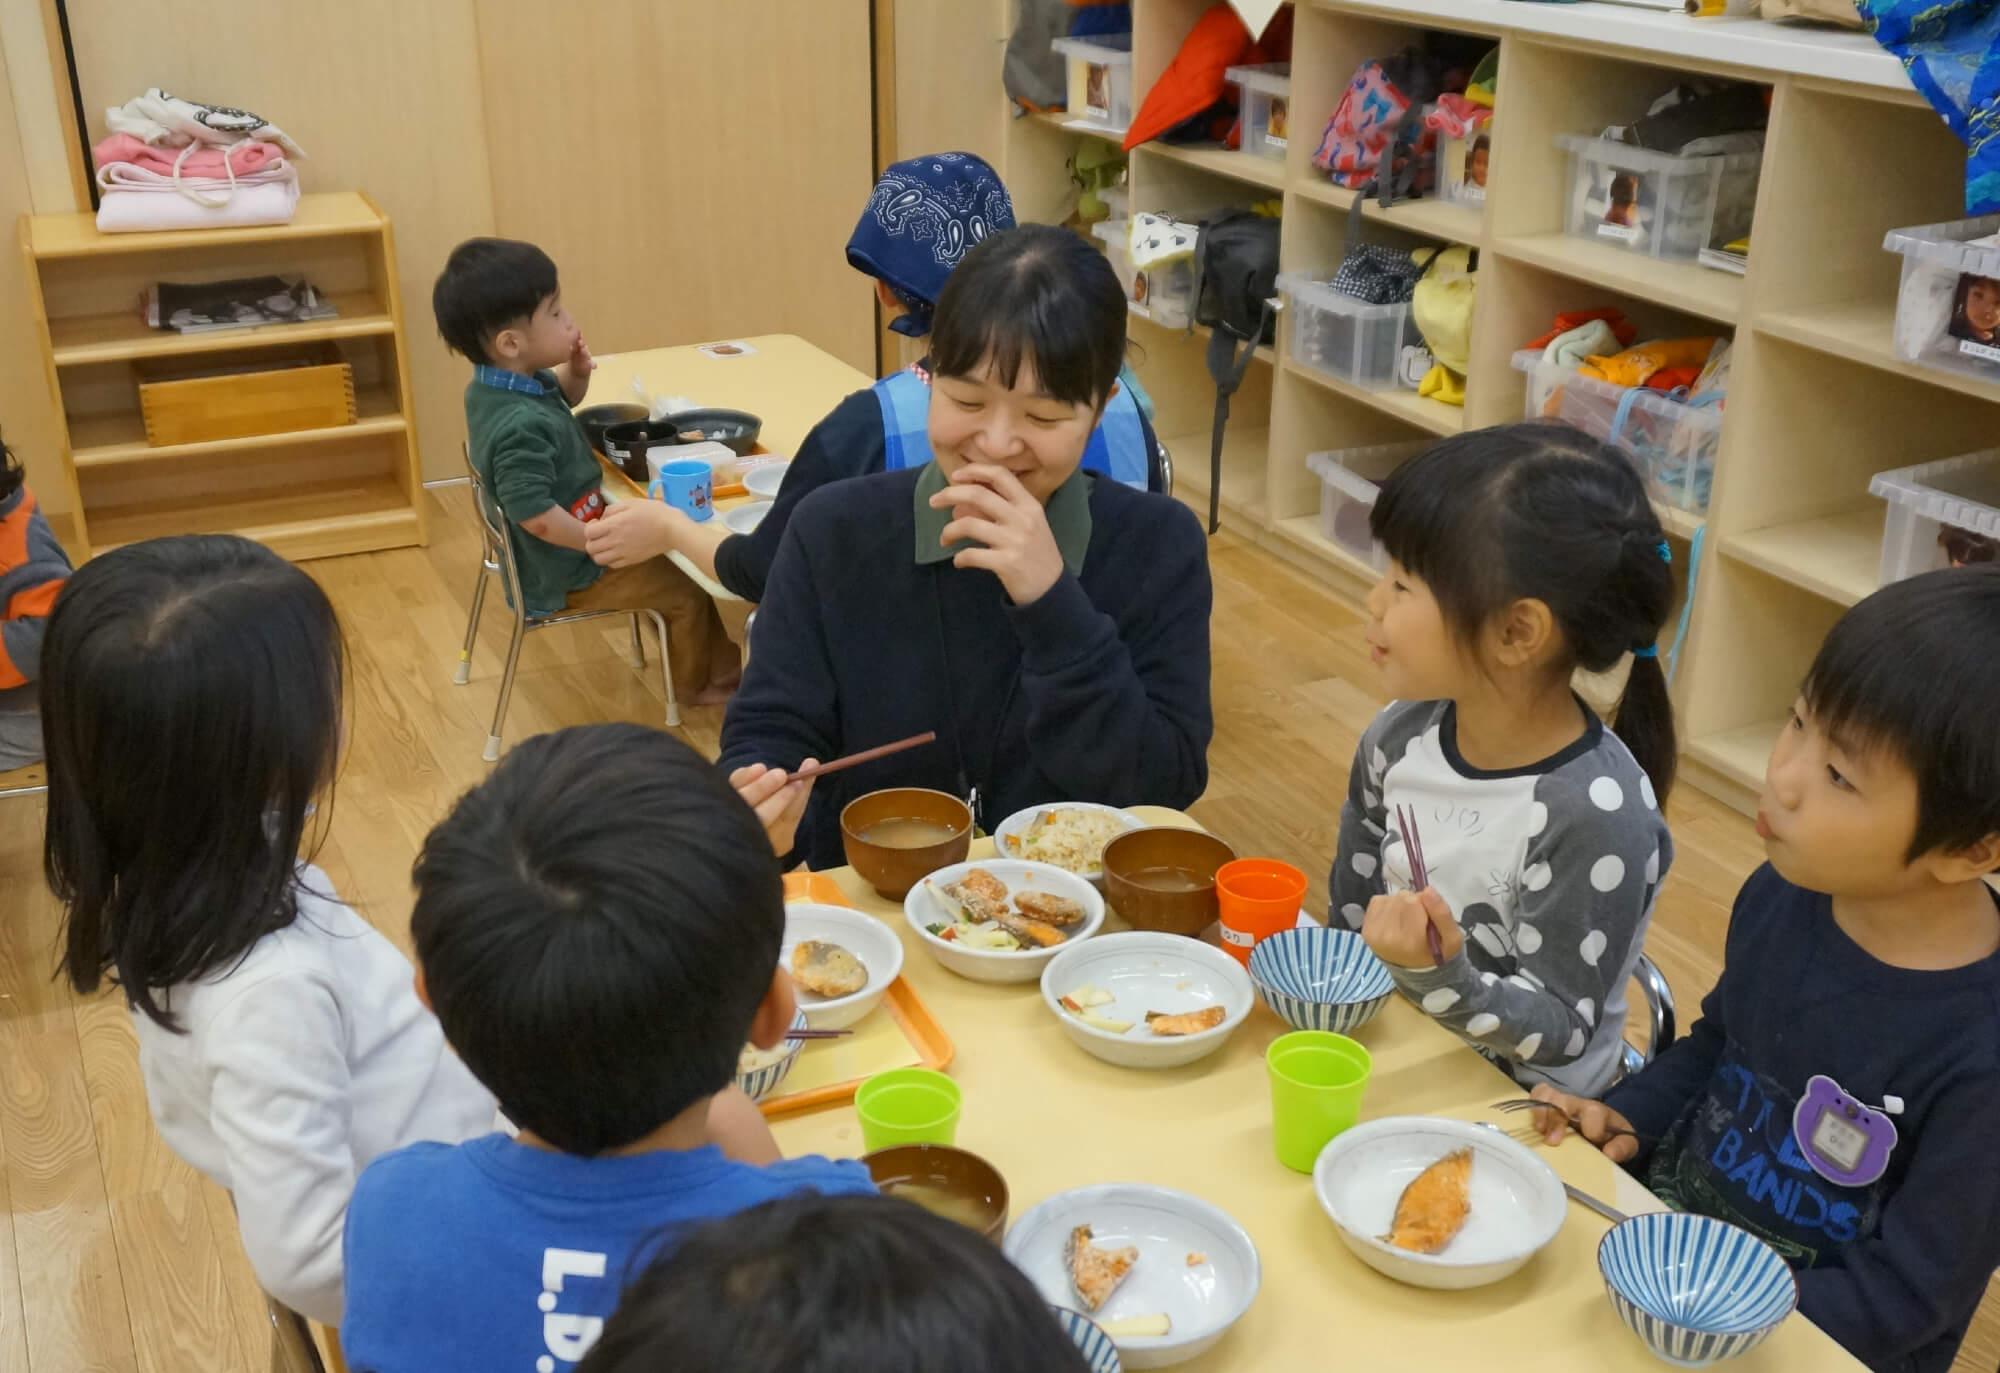 子どもと一緒に給食を食べる